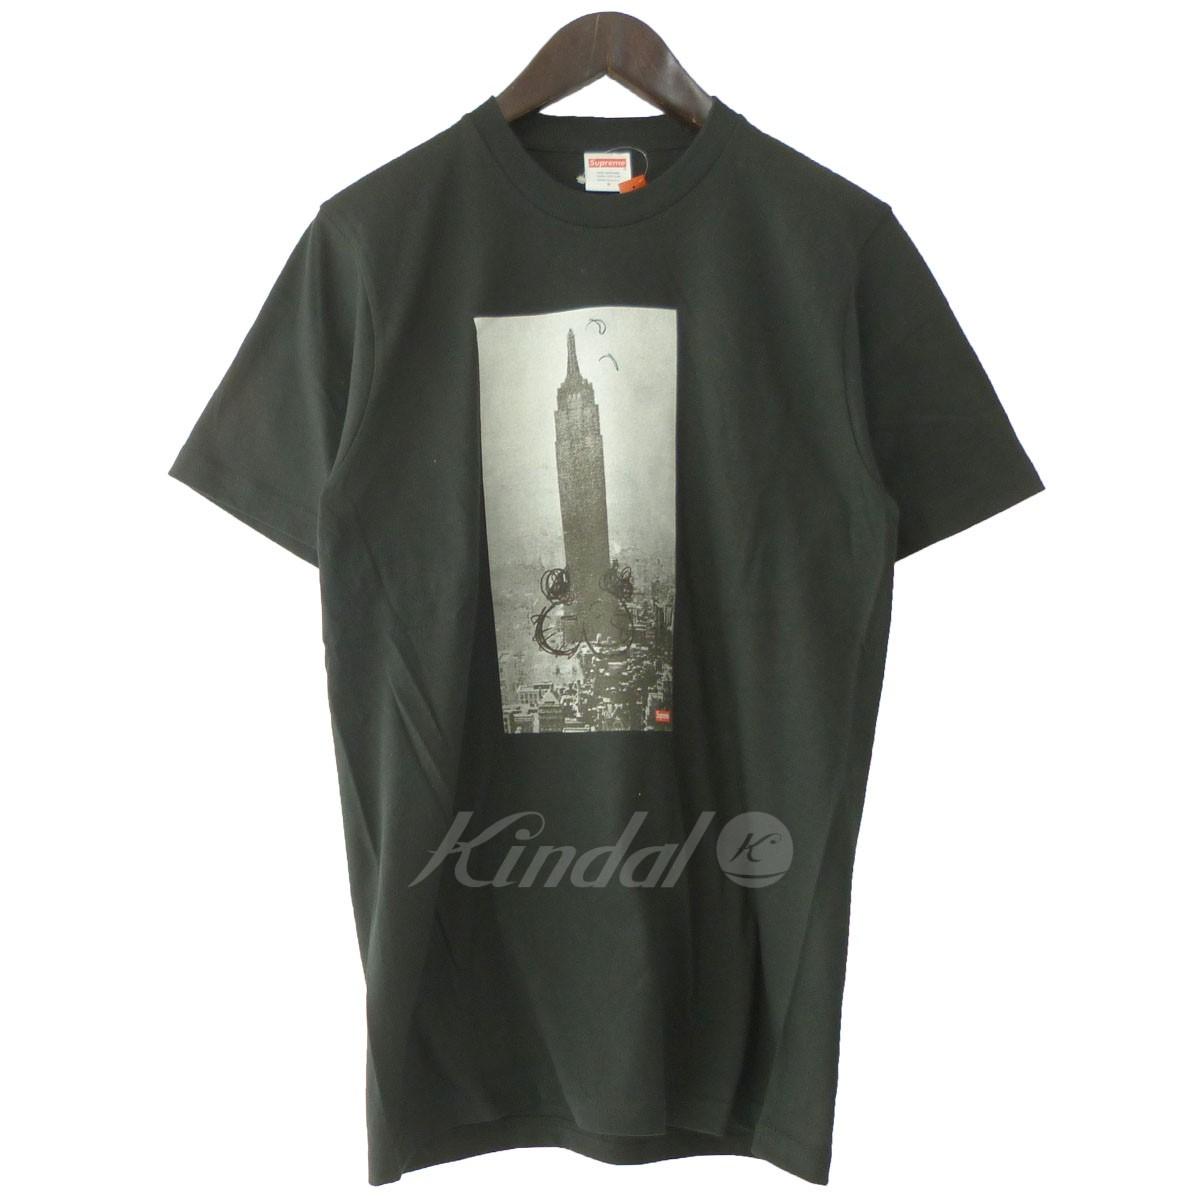 【中古】SUPREMExMike Kelley 18AW 「The Emire State Building Tee」エンパイアステートビルTシャツ ブラック サイズ:S 【送料無料】 【221018】(シュプリーム マイクケリー)